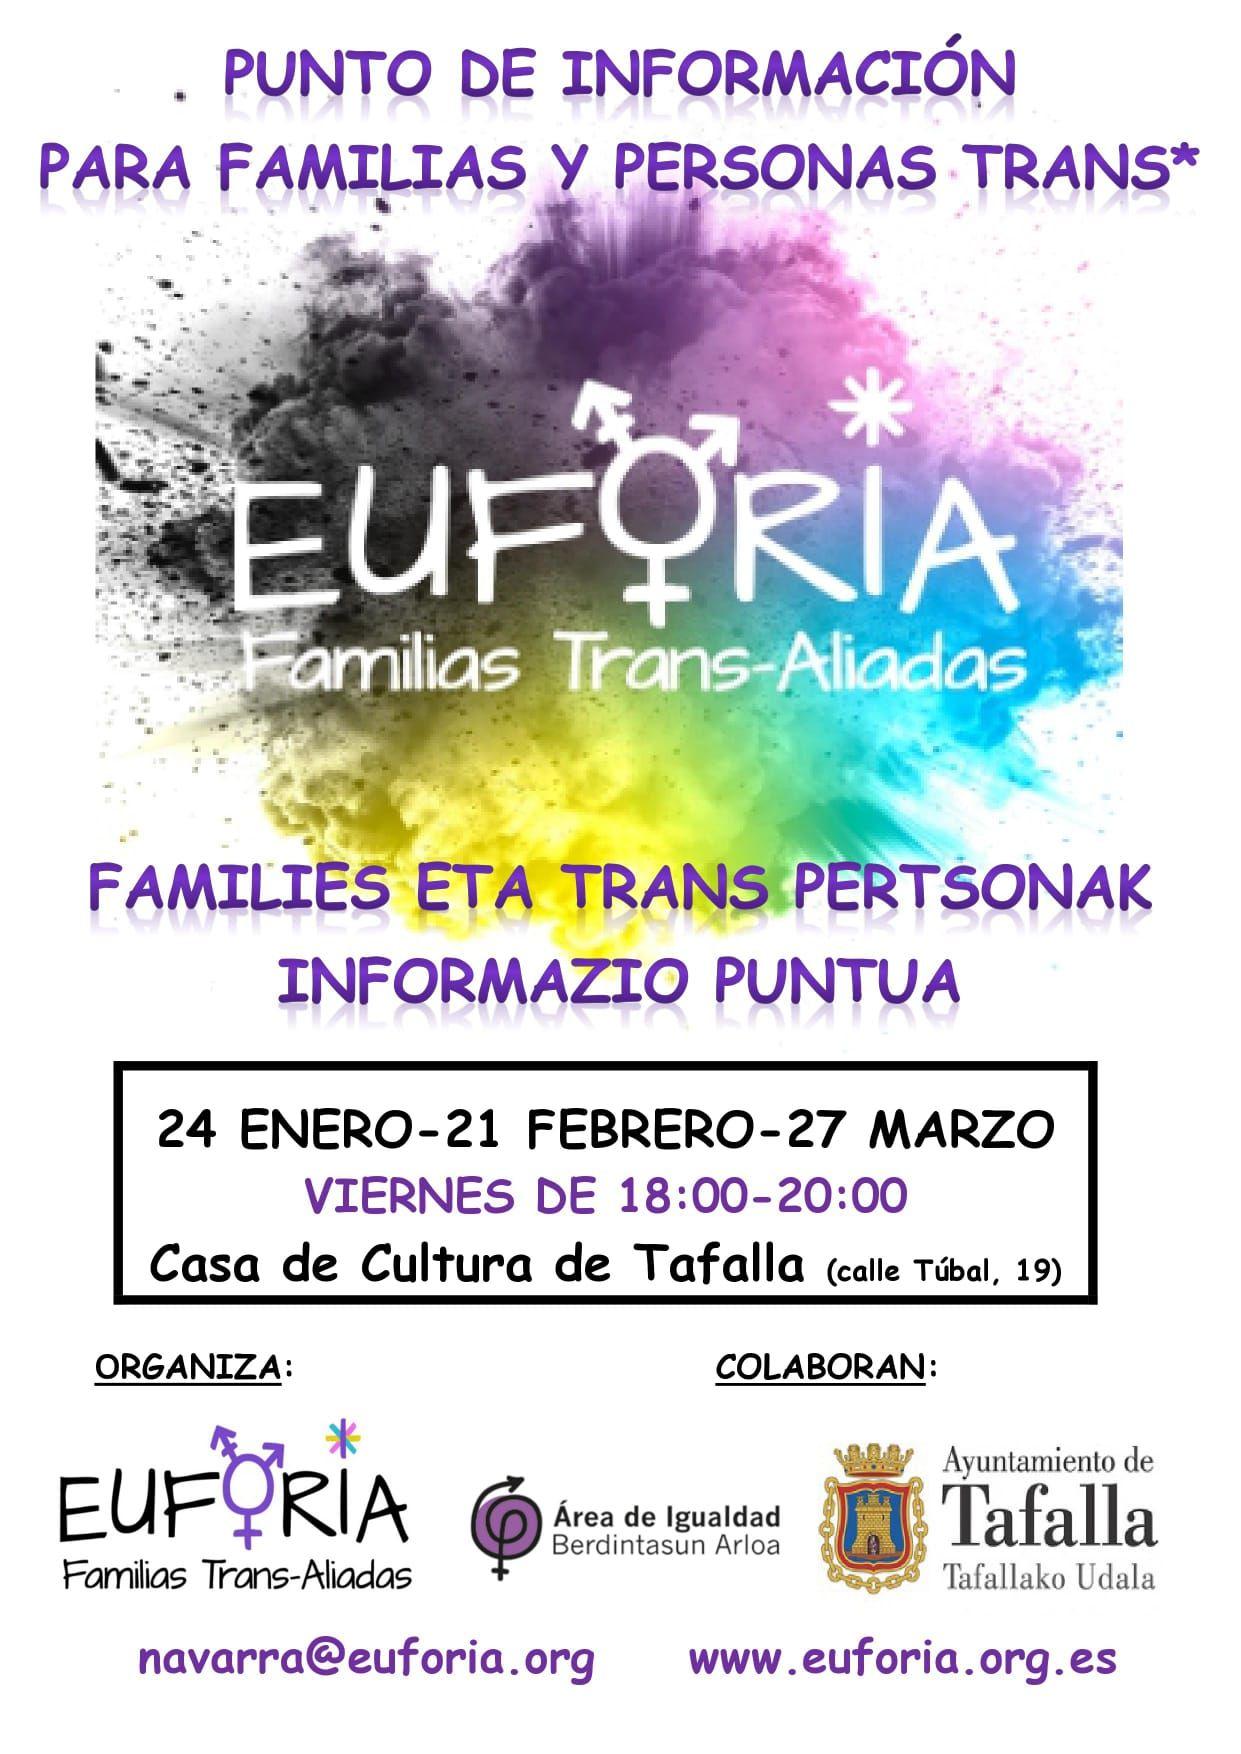 Punto de Información para Familias y Personas Trans - Tafalla